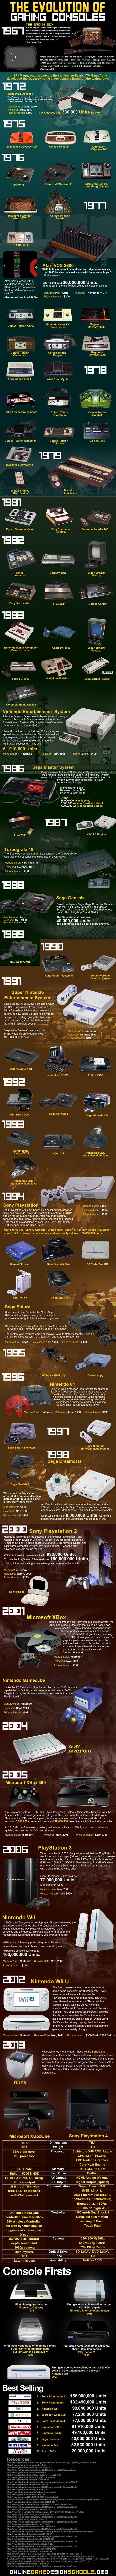 Evolución de las consolas de videojuegos | SocialMedia | Scoop.it